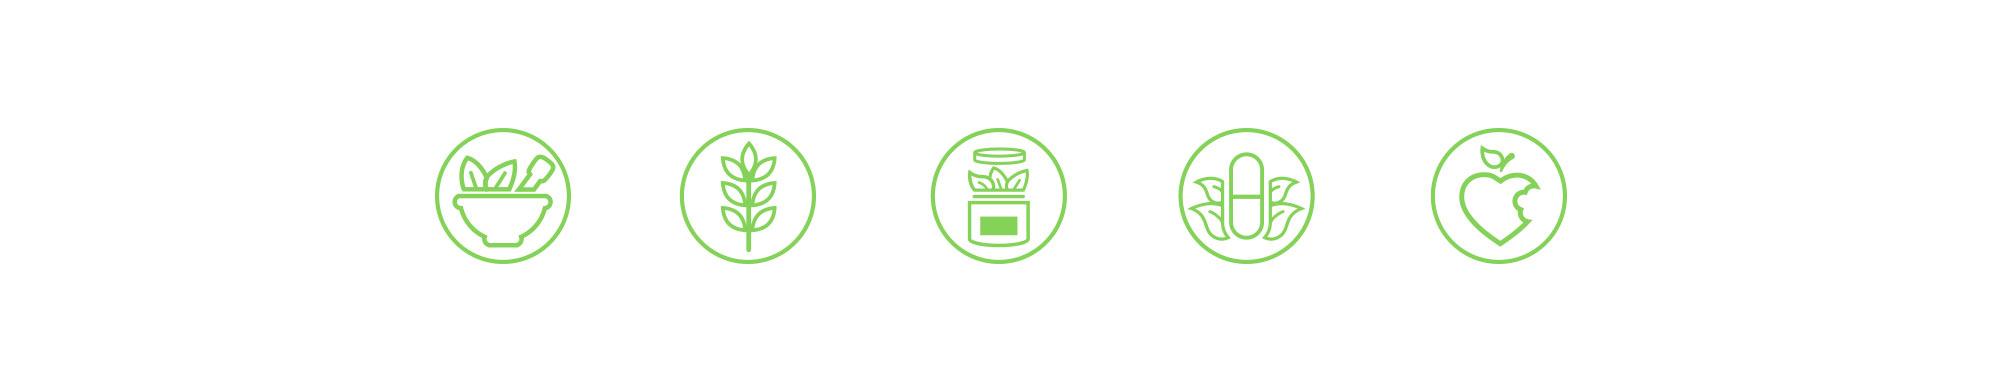 Diseño de los iconos para las diferentes categorías de productos de la tienda